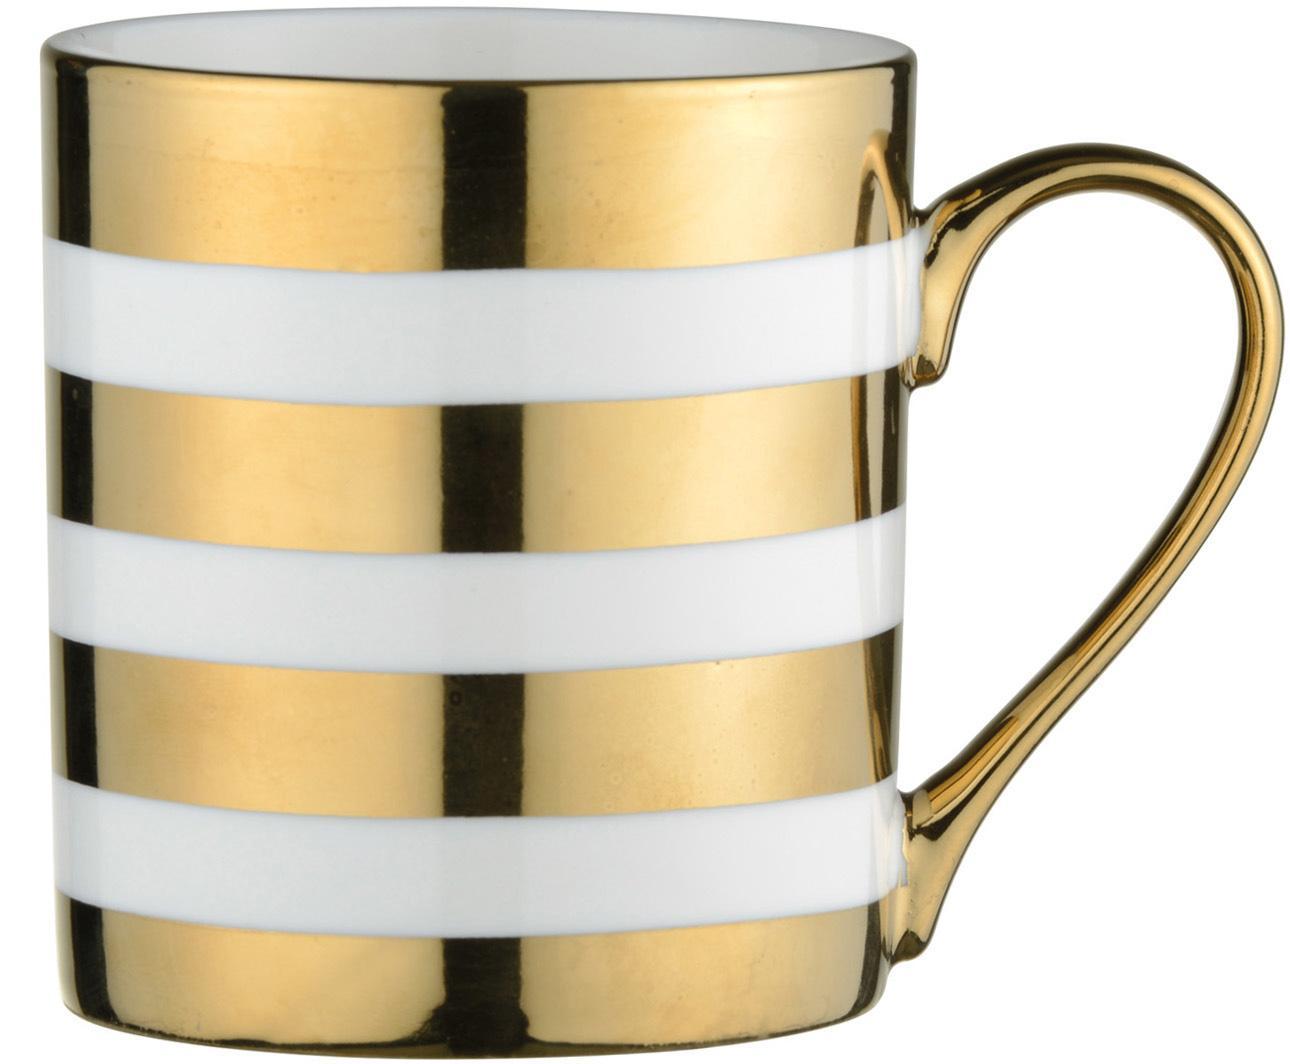 Kubek Stripes, 4 szt., Porcelana, Biały, odcienie złotego, Ø 9 x W 10 cm